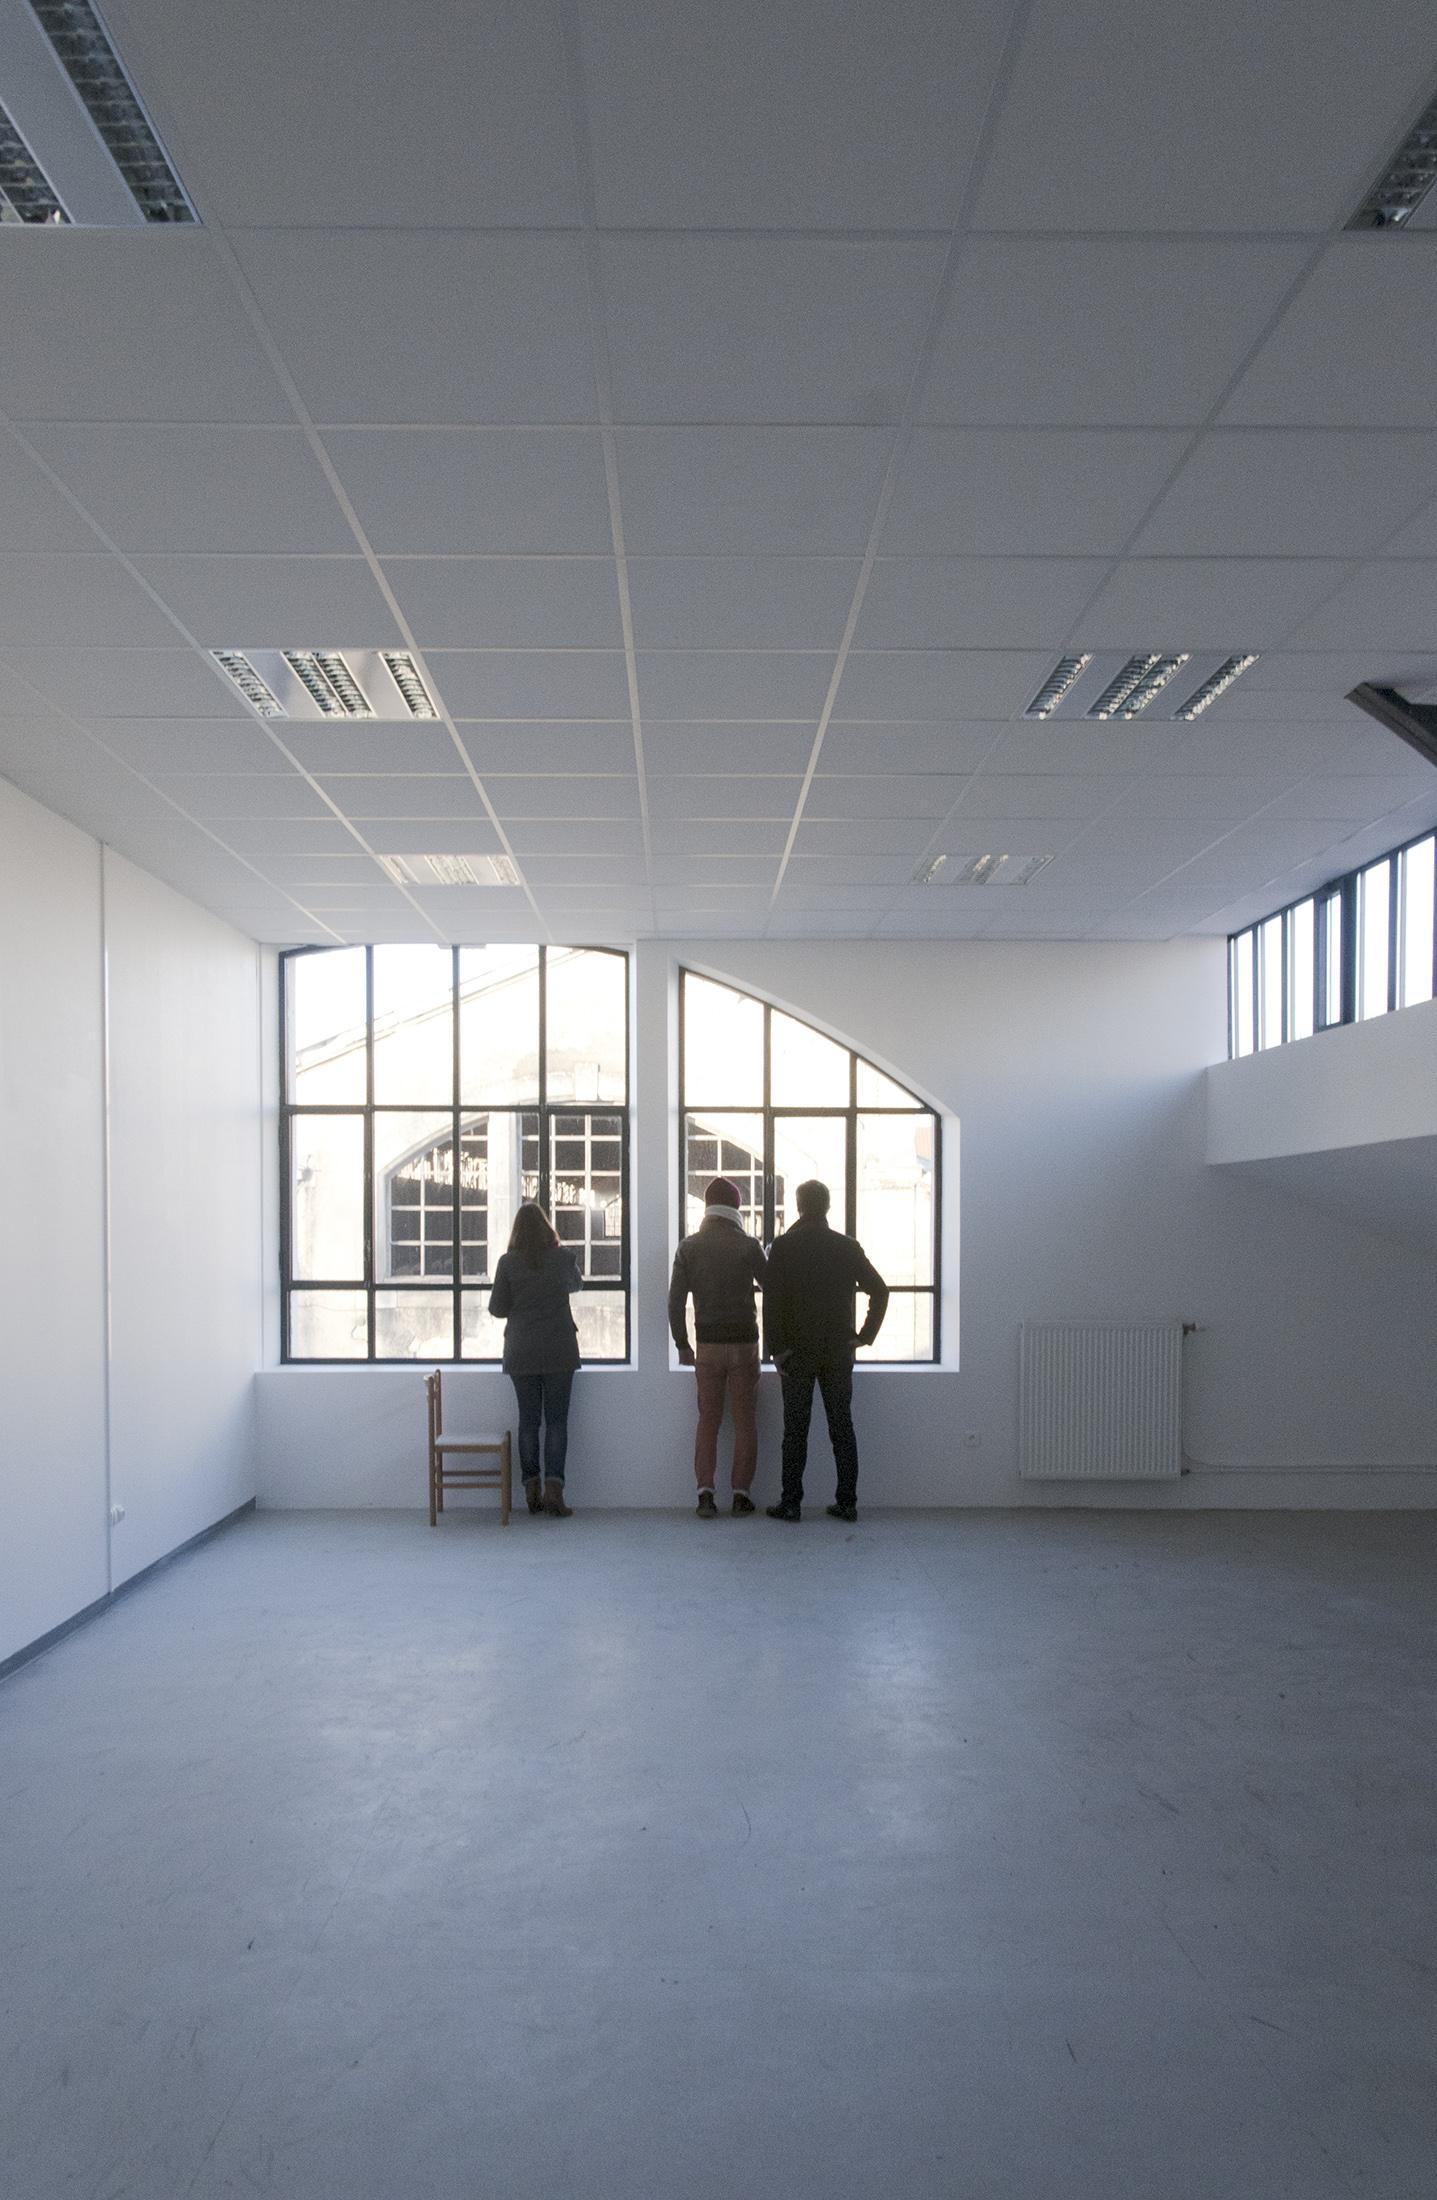 Chouette architecture - réhabilitation Halle 38 Dijon - 2200 20